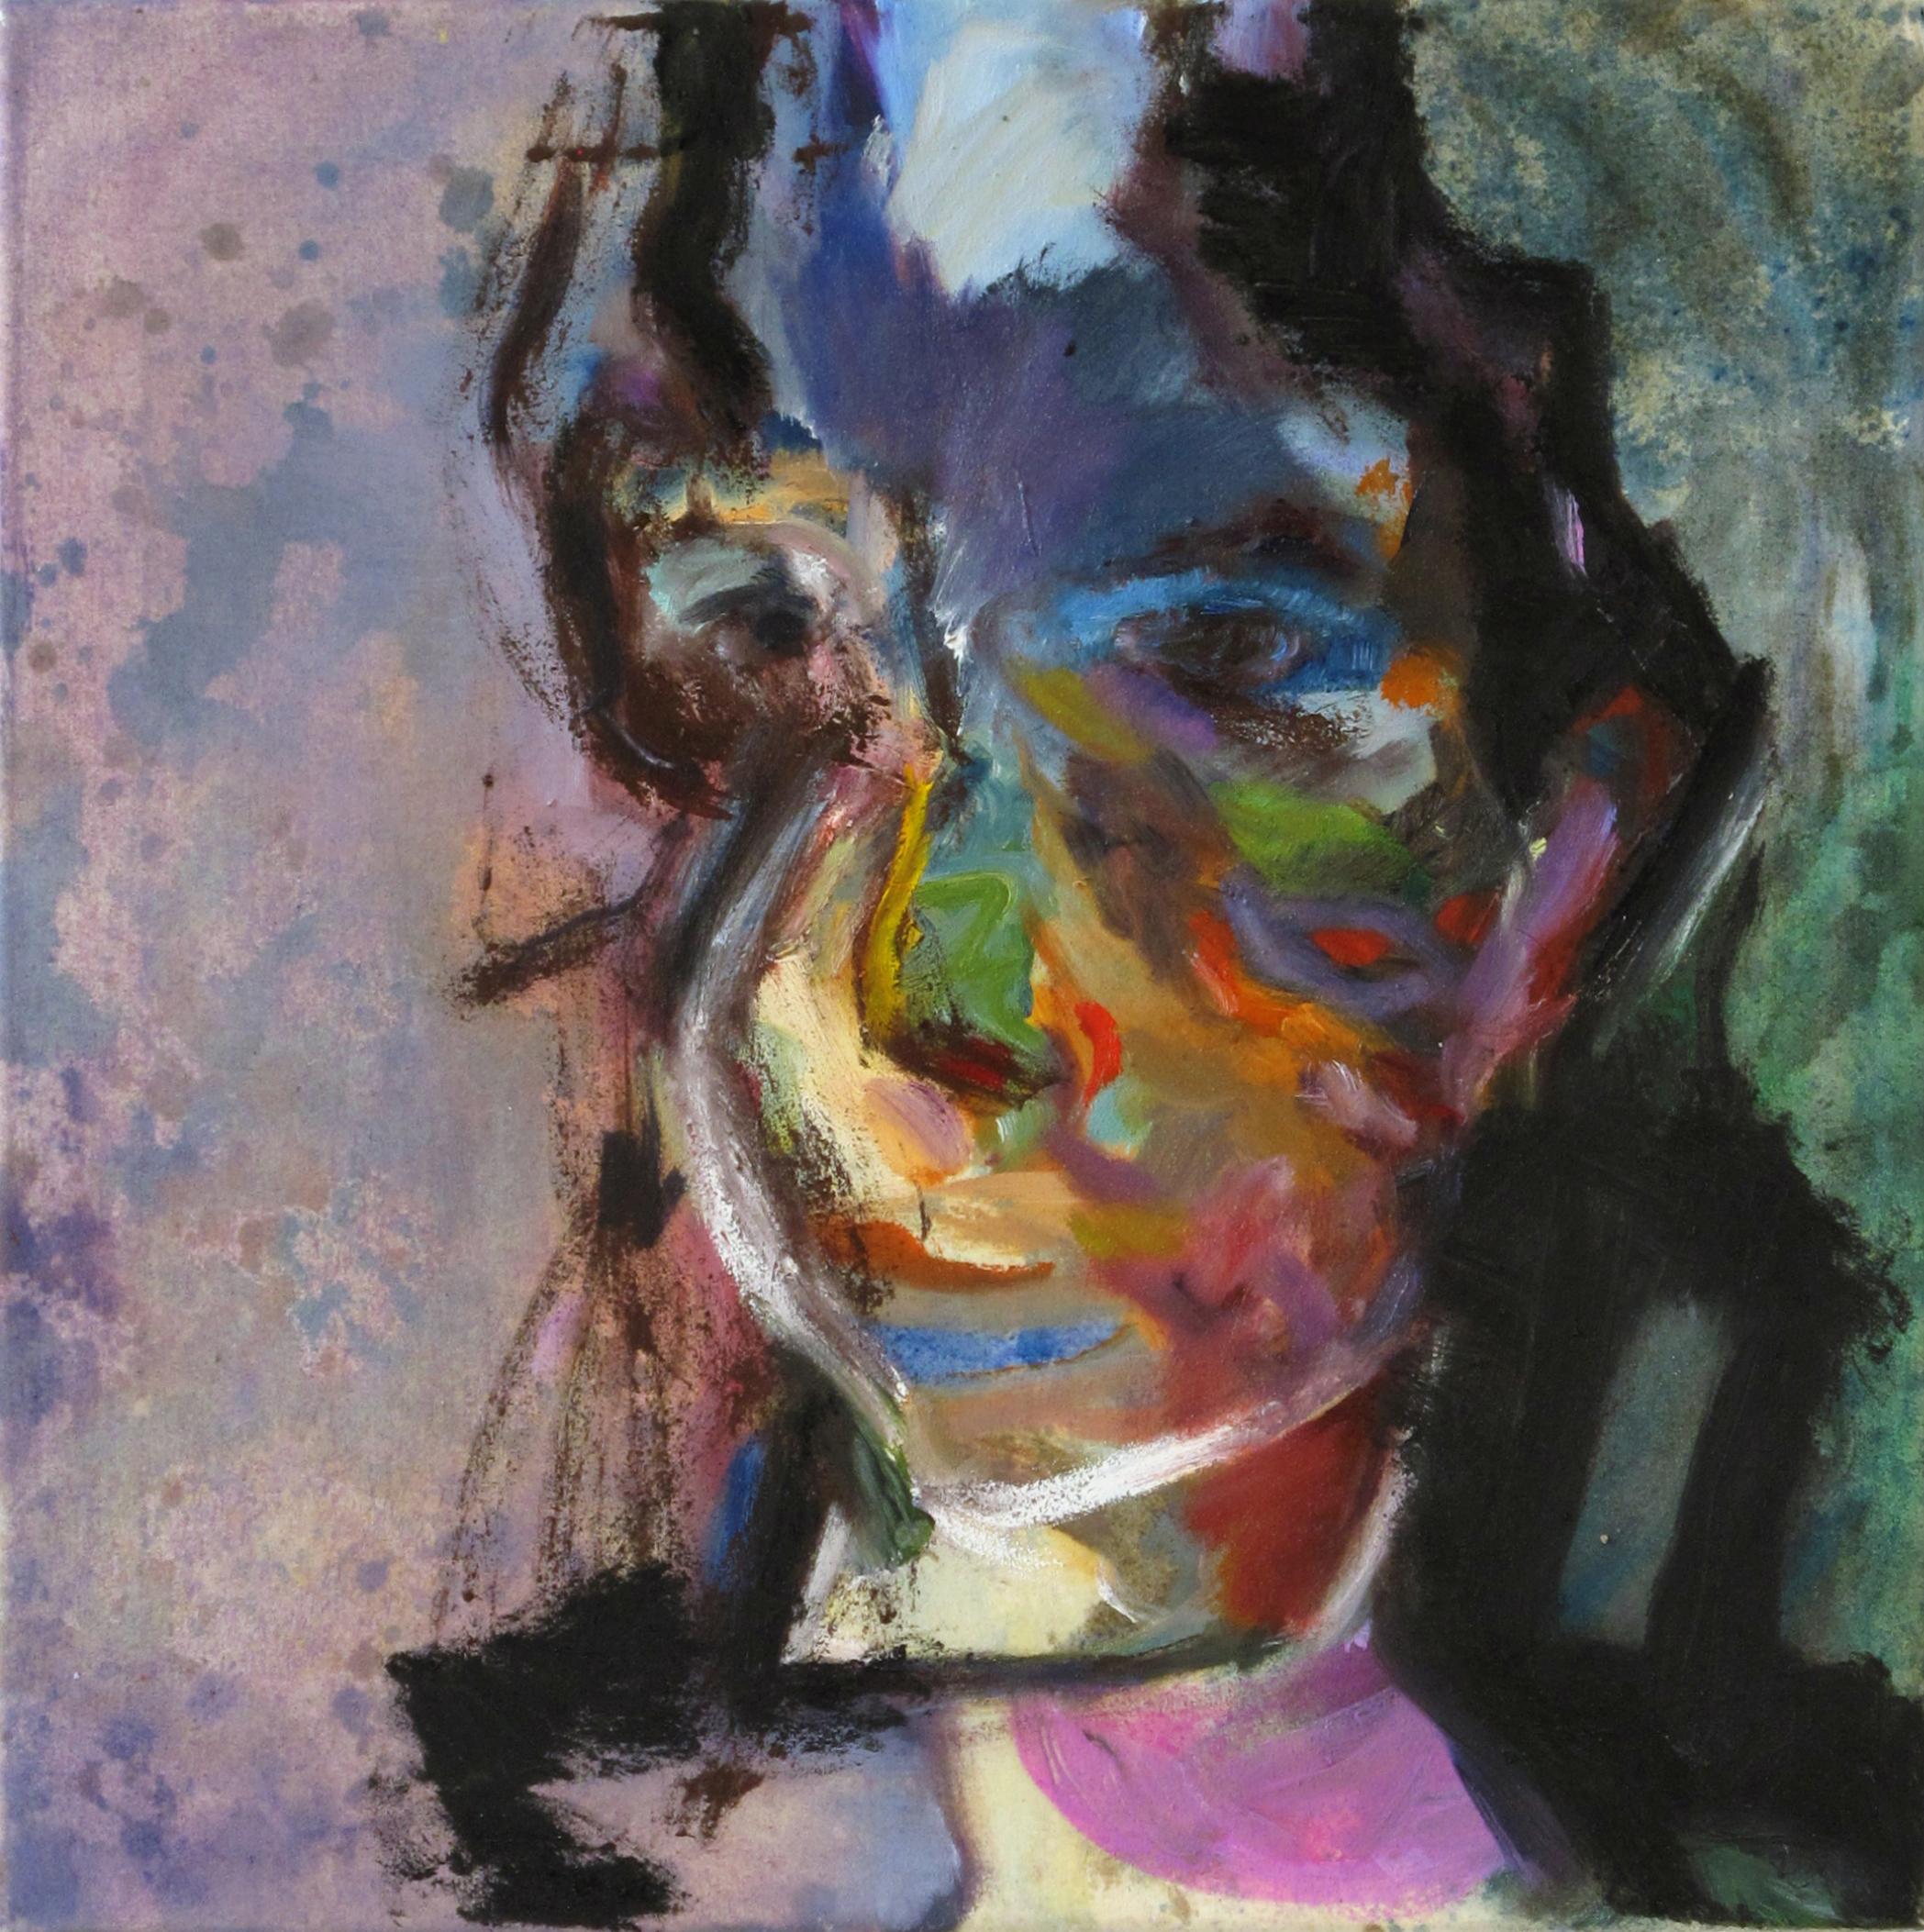 Selbstporträt | Acryl und Öl auf Leinwand, 40 x 40 cm, 2011